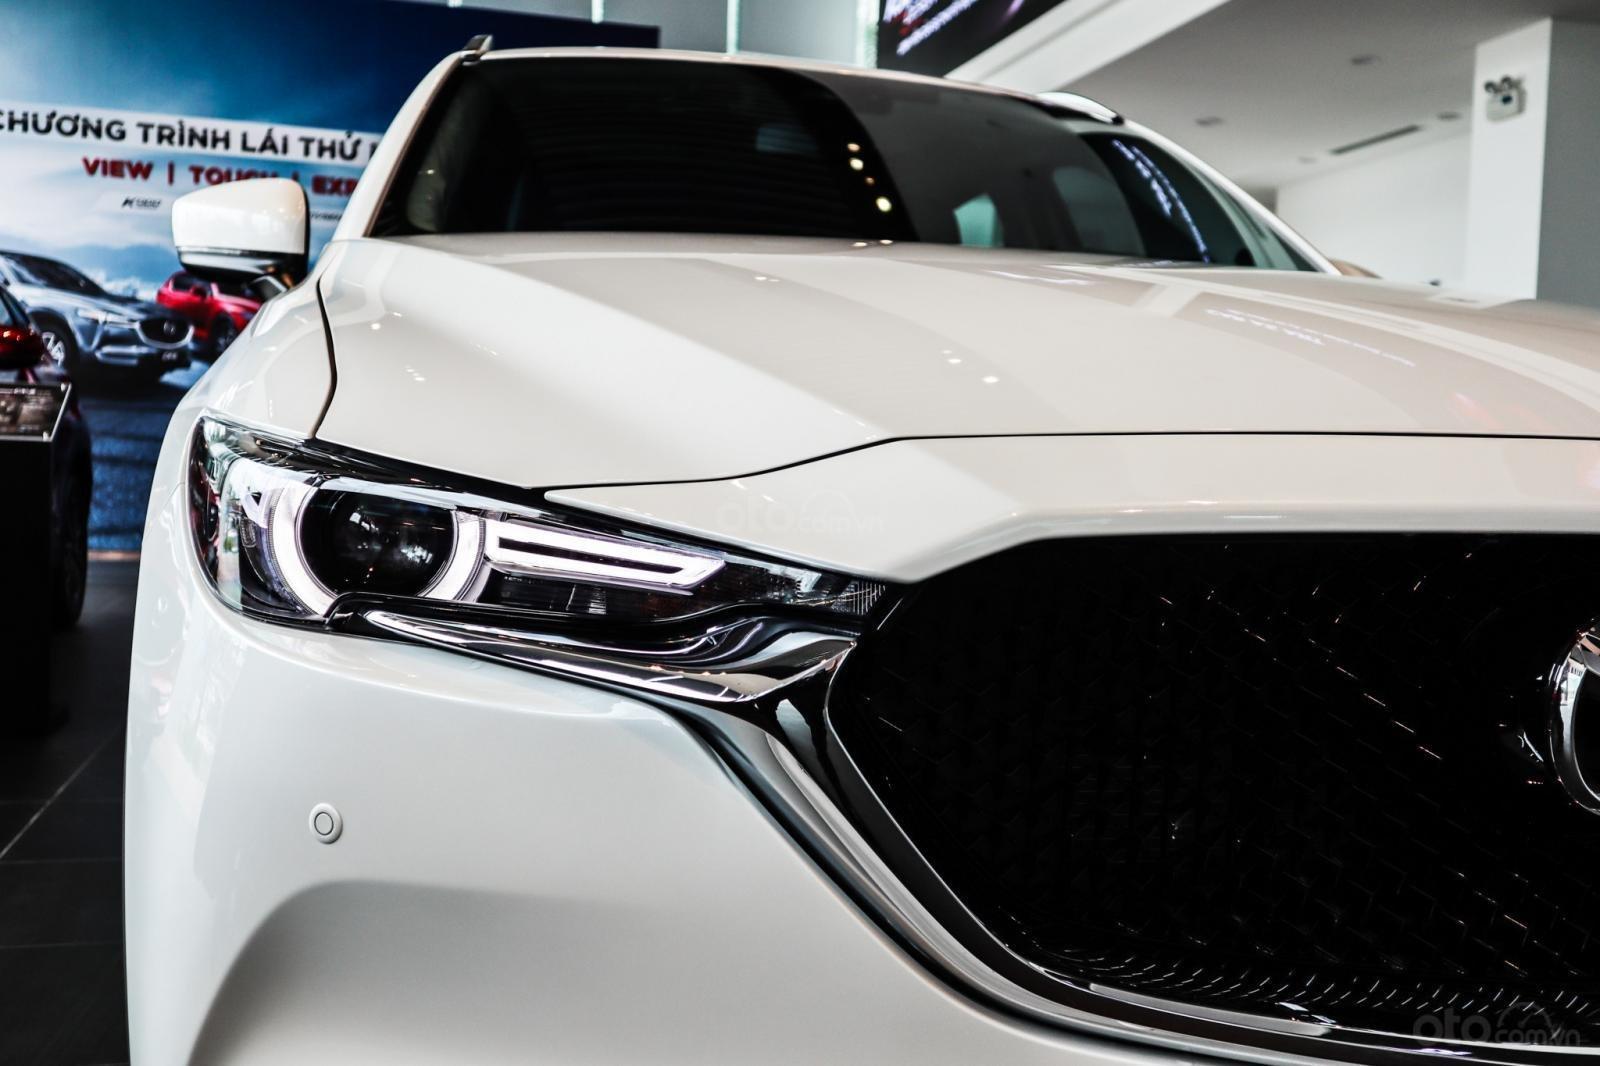 Bán Mazda CX5 đẳng cấp thời thượng, là sự lựa chọn thông minh và giá hợp lý (5)